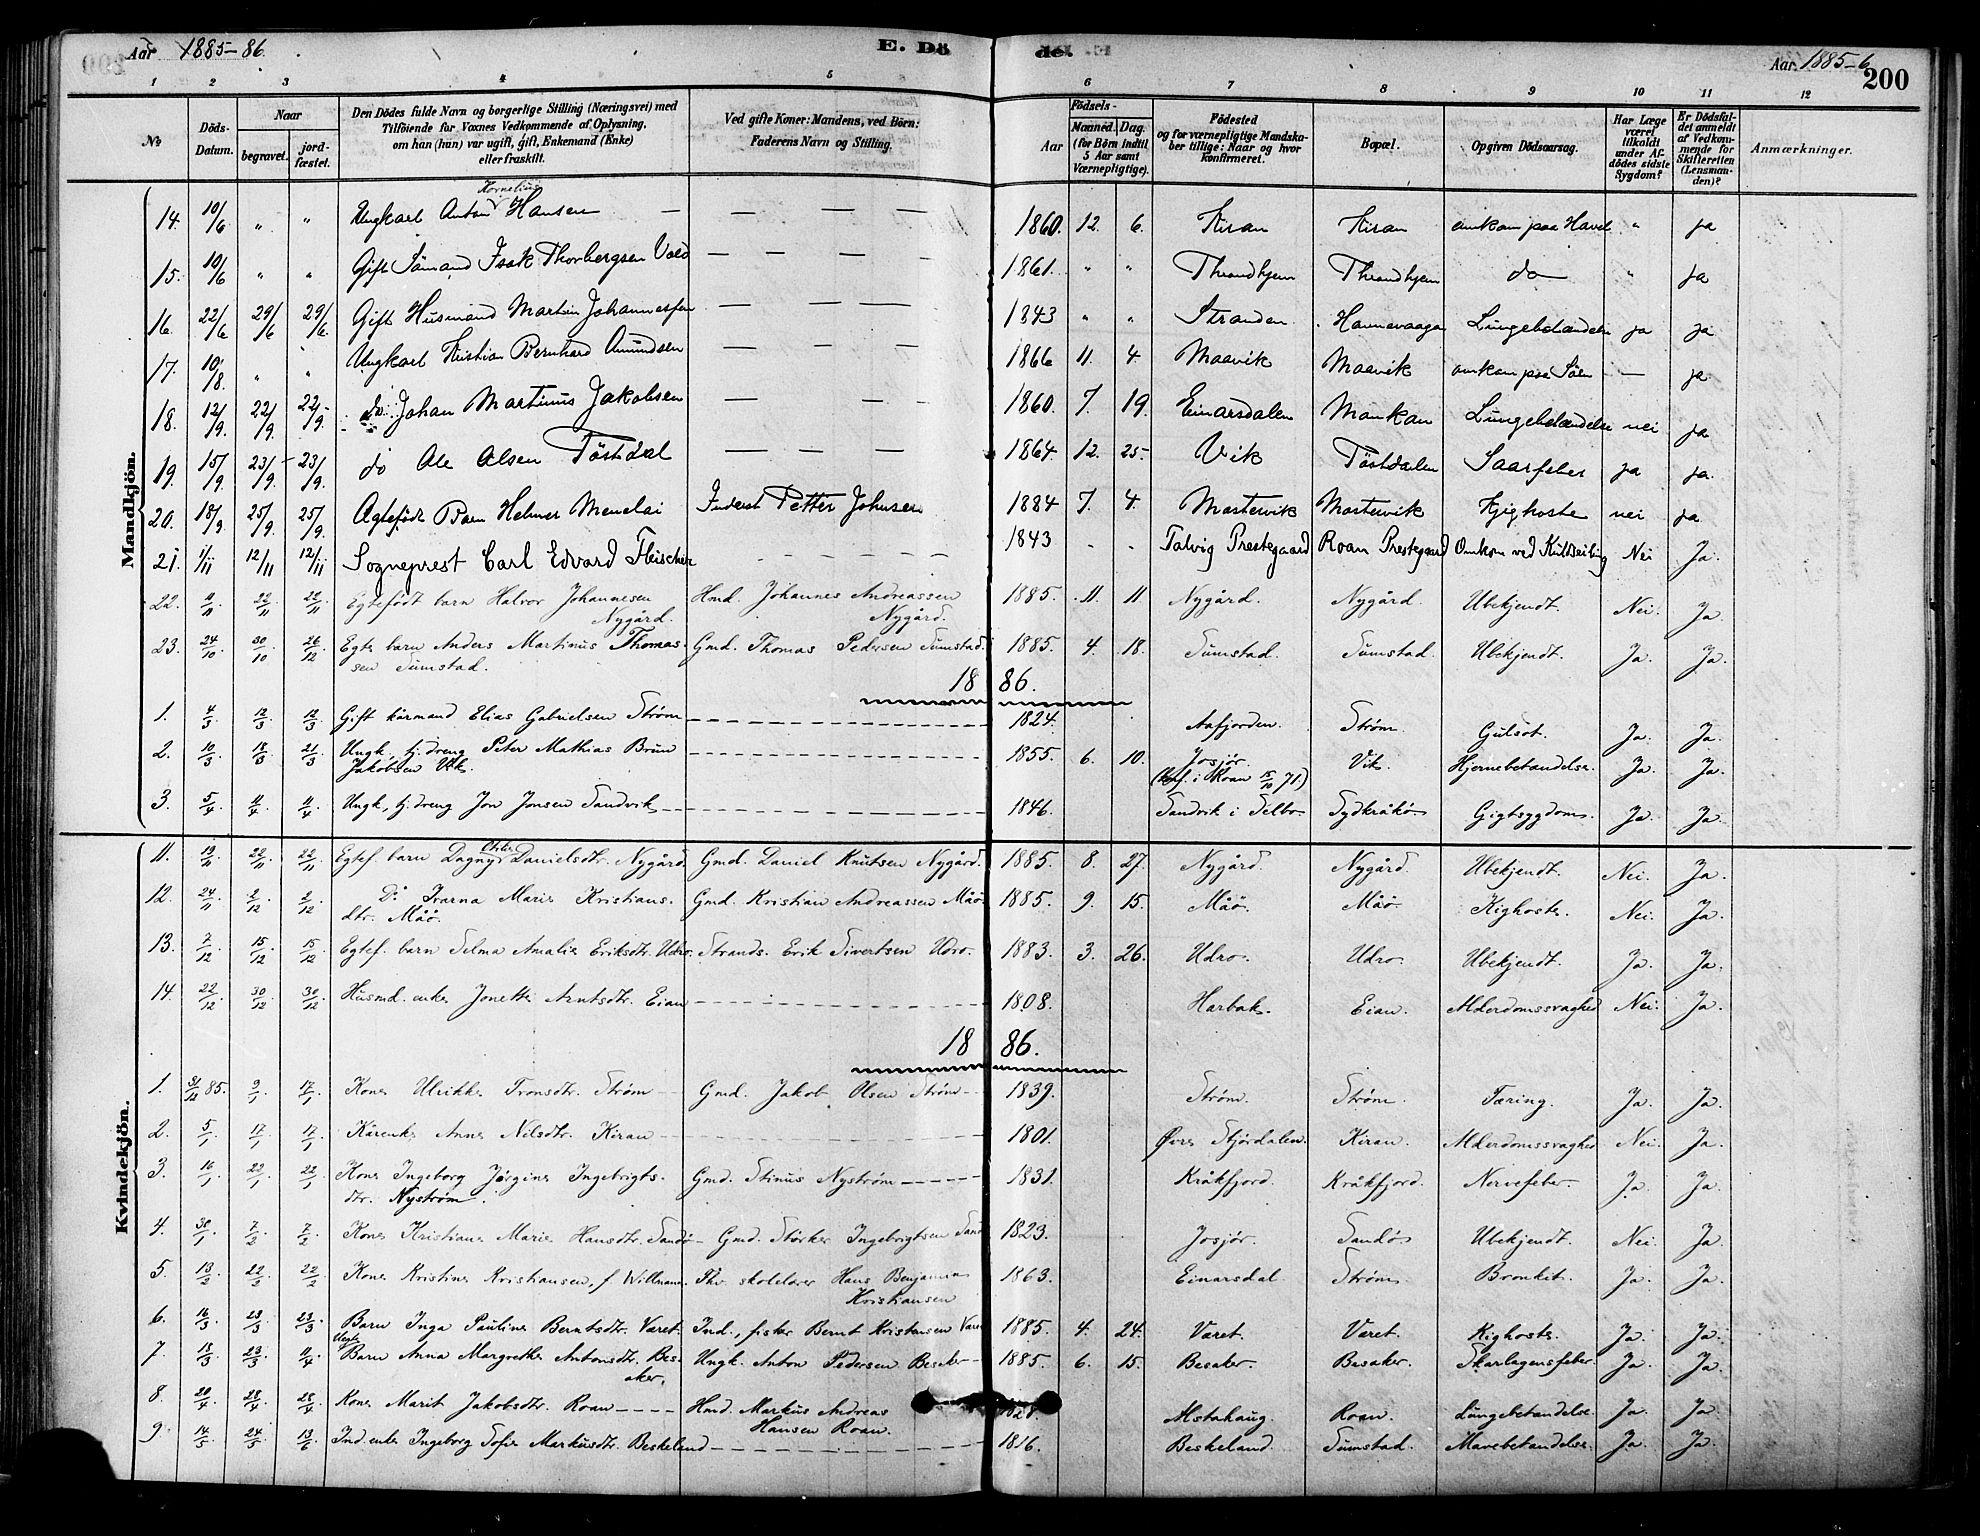 SAT, Ministerialprotokoller, klokkerbøker og fødselsregistre - Sør-Trøndelag, 657/L0707: Ministerialbok nr. 657A08, 1879-1893, s. 200